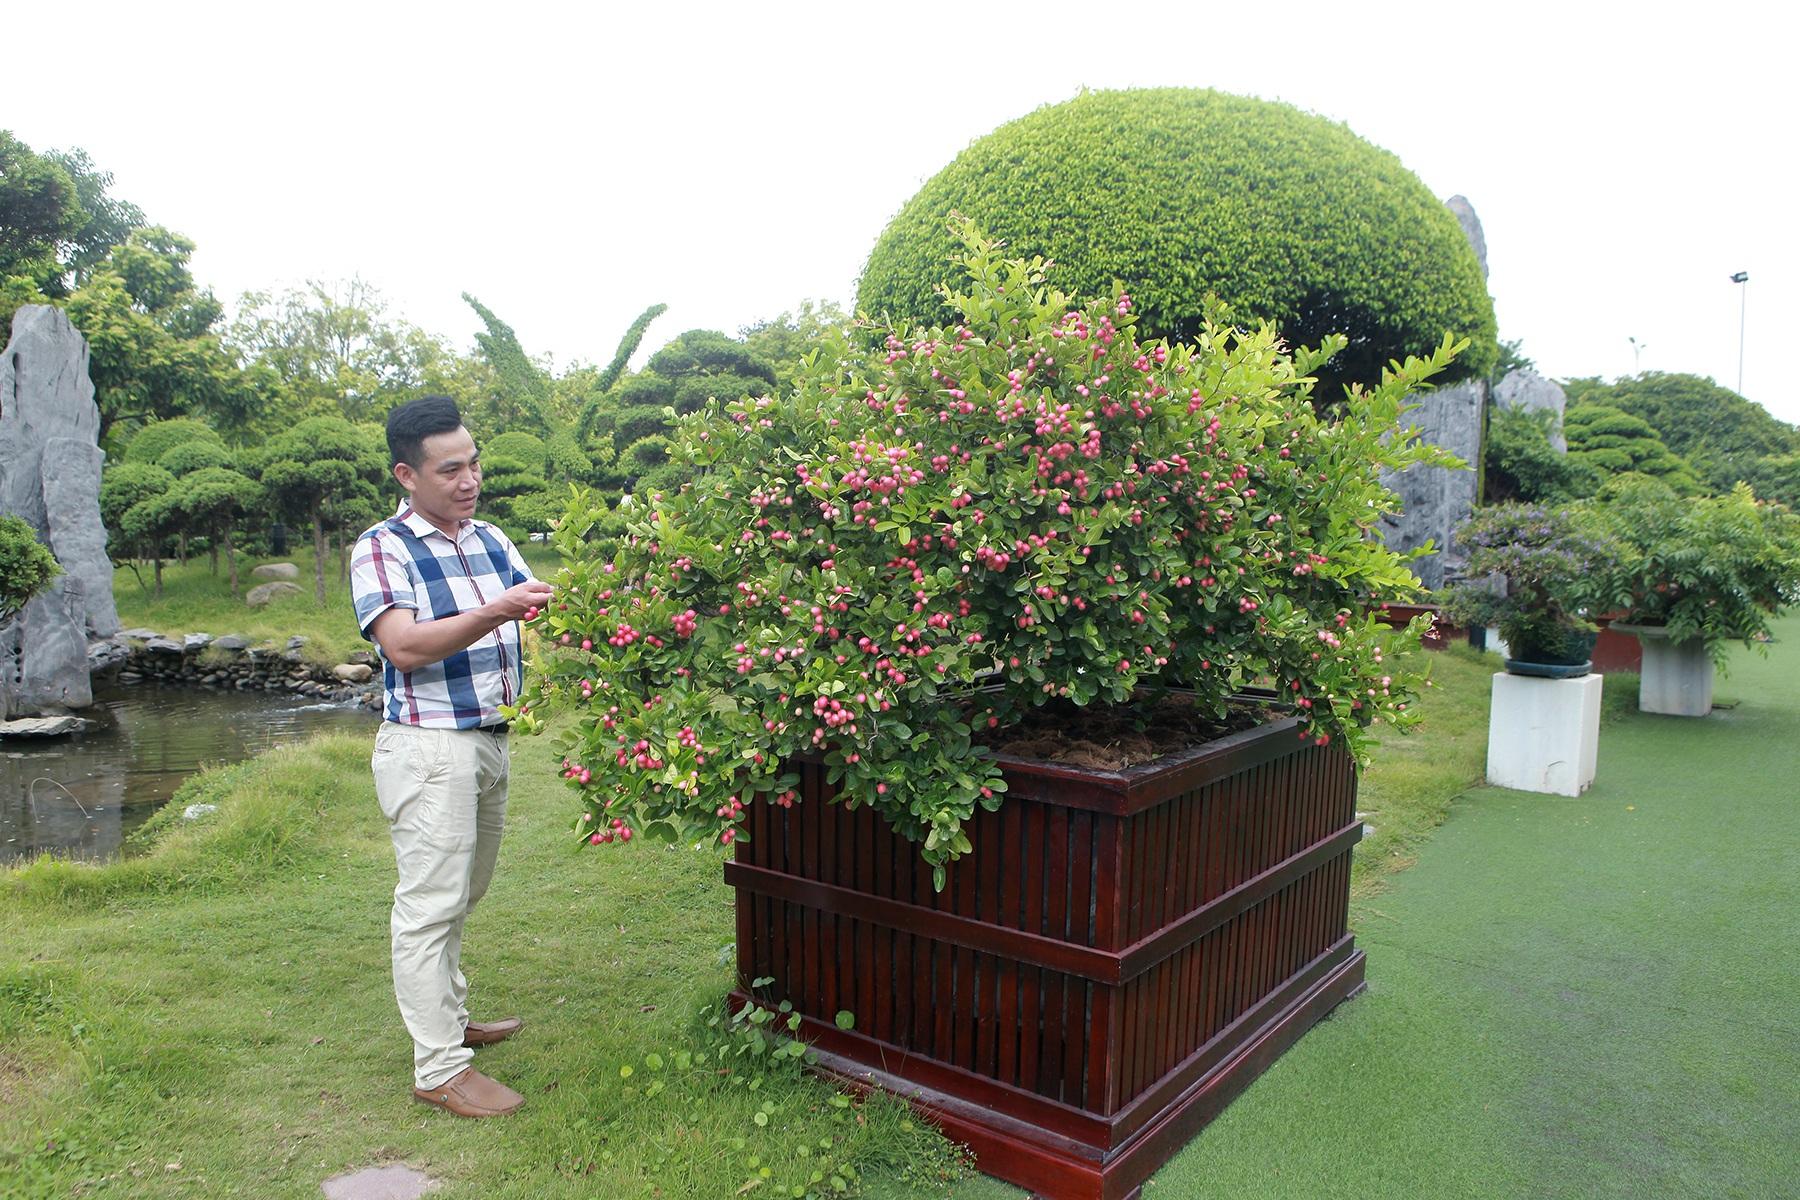 """Dàn sơ ri bonsai cổ thụ, trĩu quả giá tiền tỷ của """"tướng cướp hoàn lương"""" - 7"""